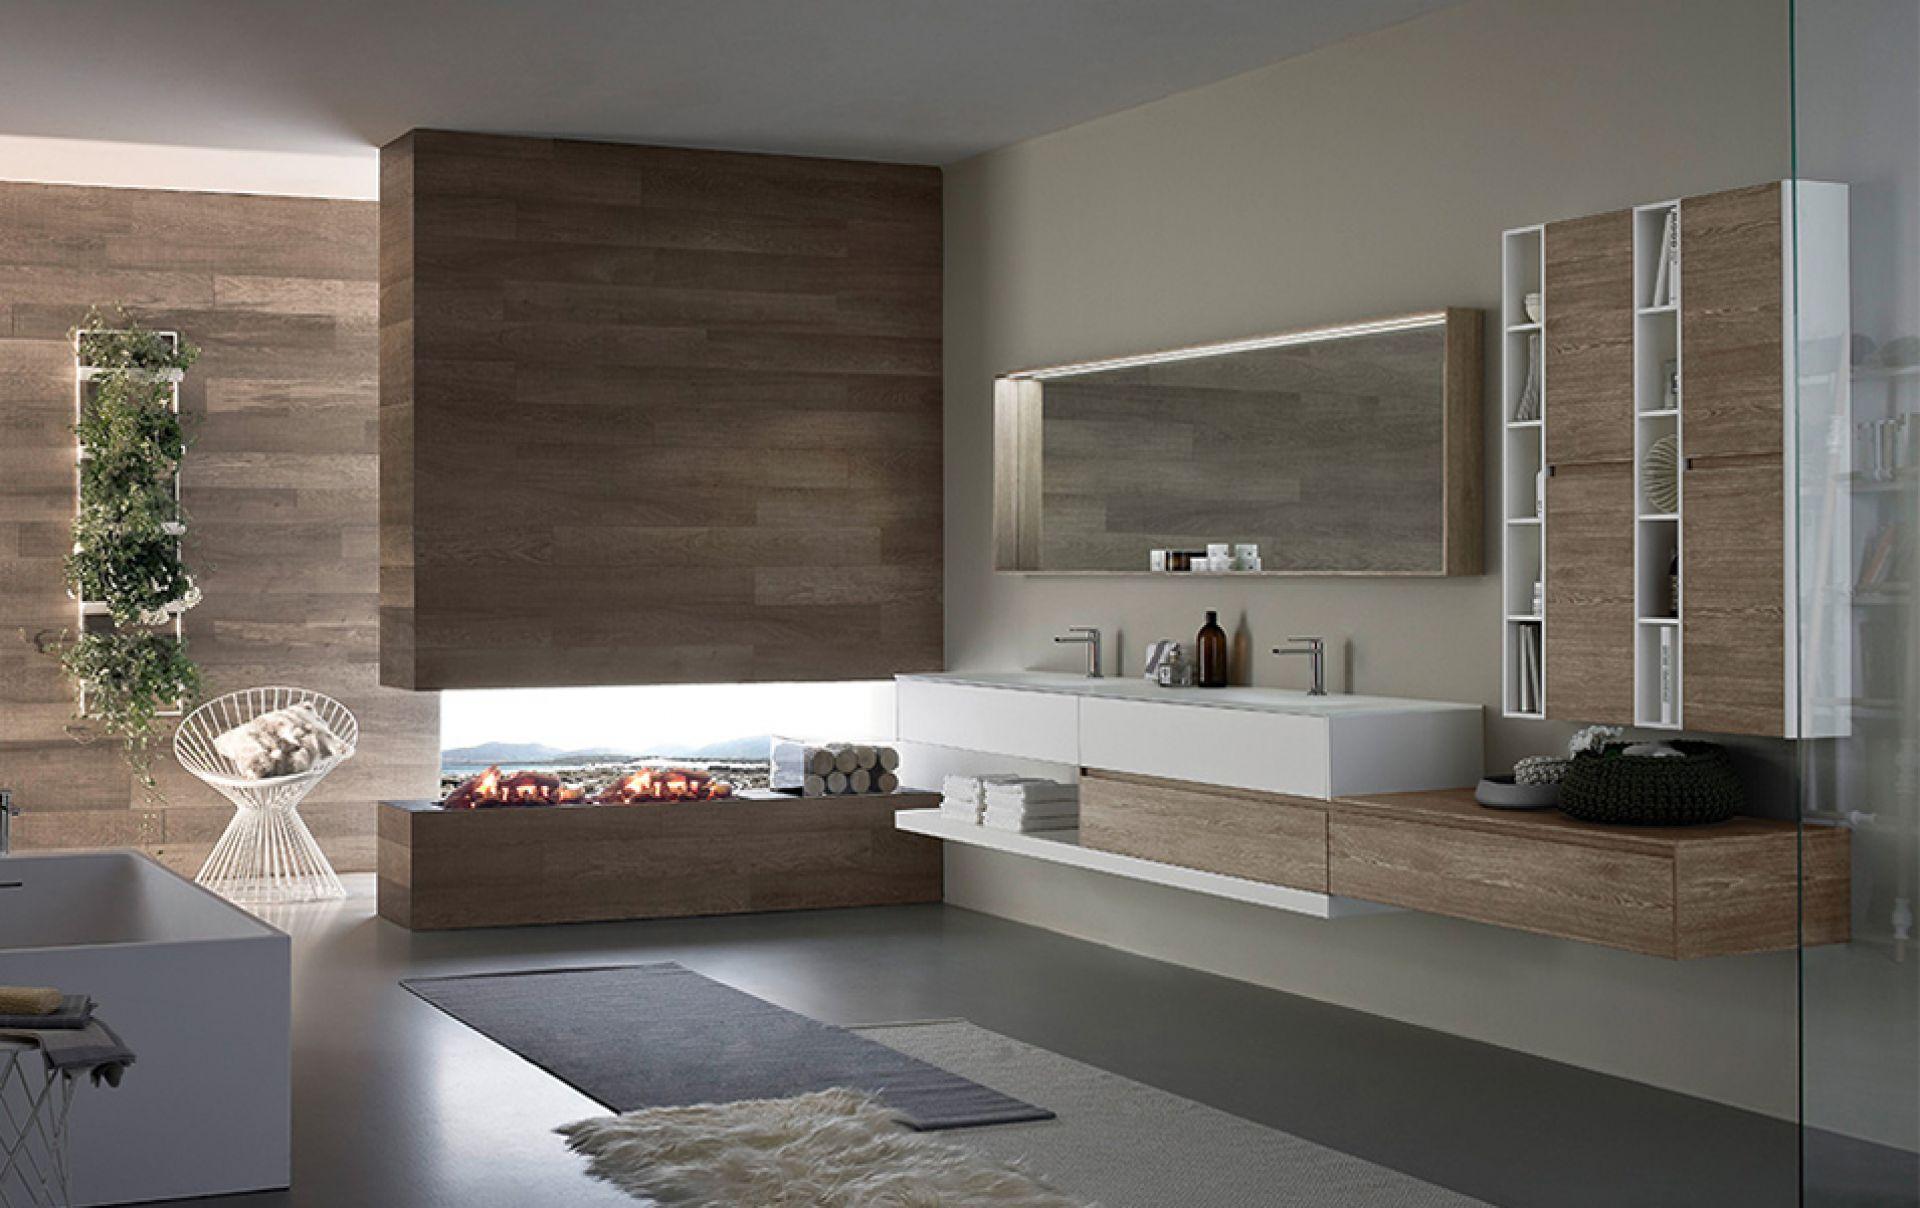 arredo bagno bergamo | abc interni - Arredo Bagno Bergamo Provincia